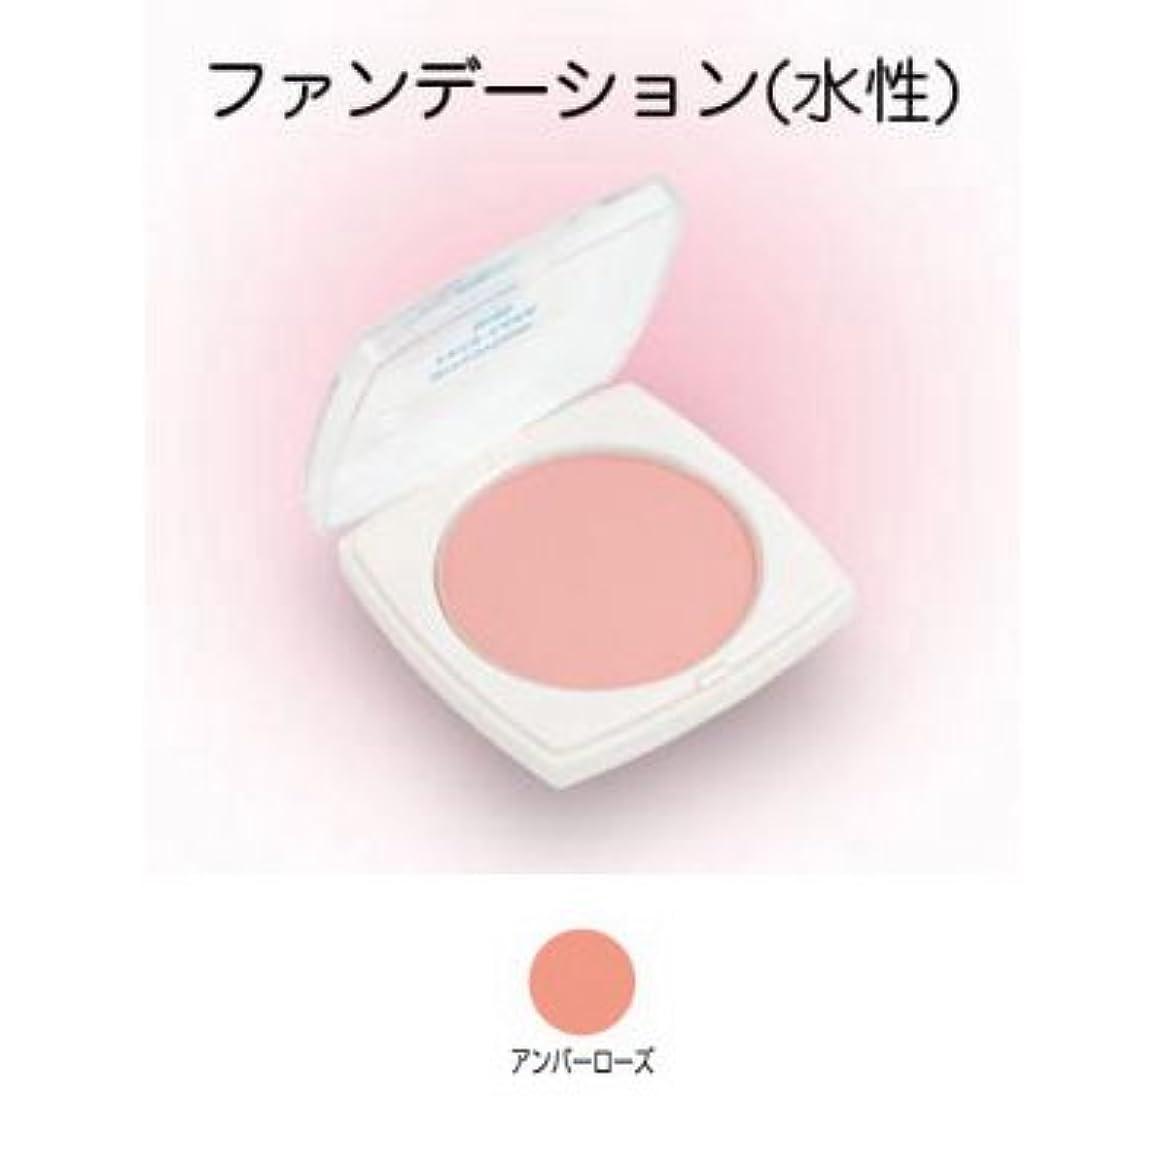 キャッチ接ぎ木調子フェースケーキ ミニ 17g アンバーローズ 【三善】